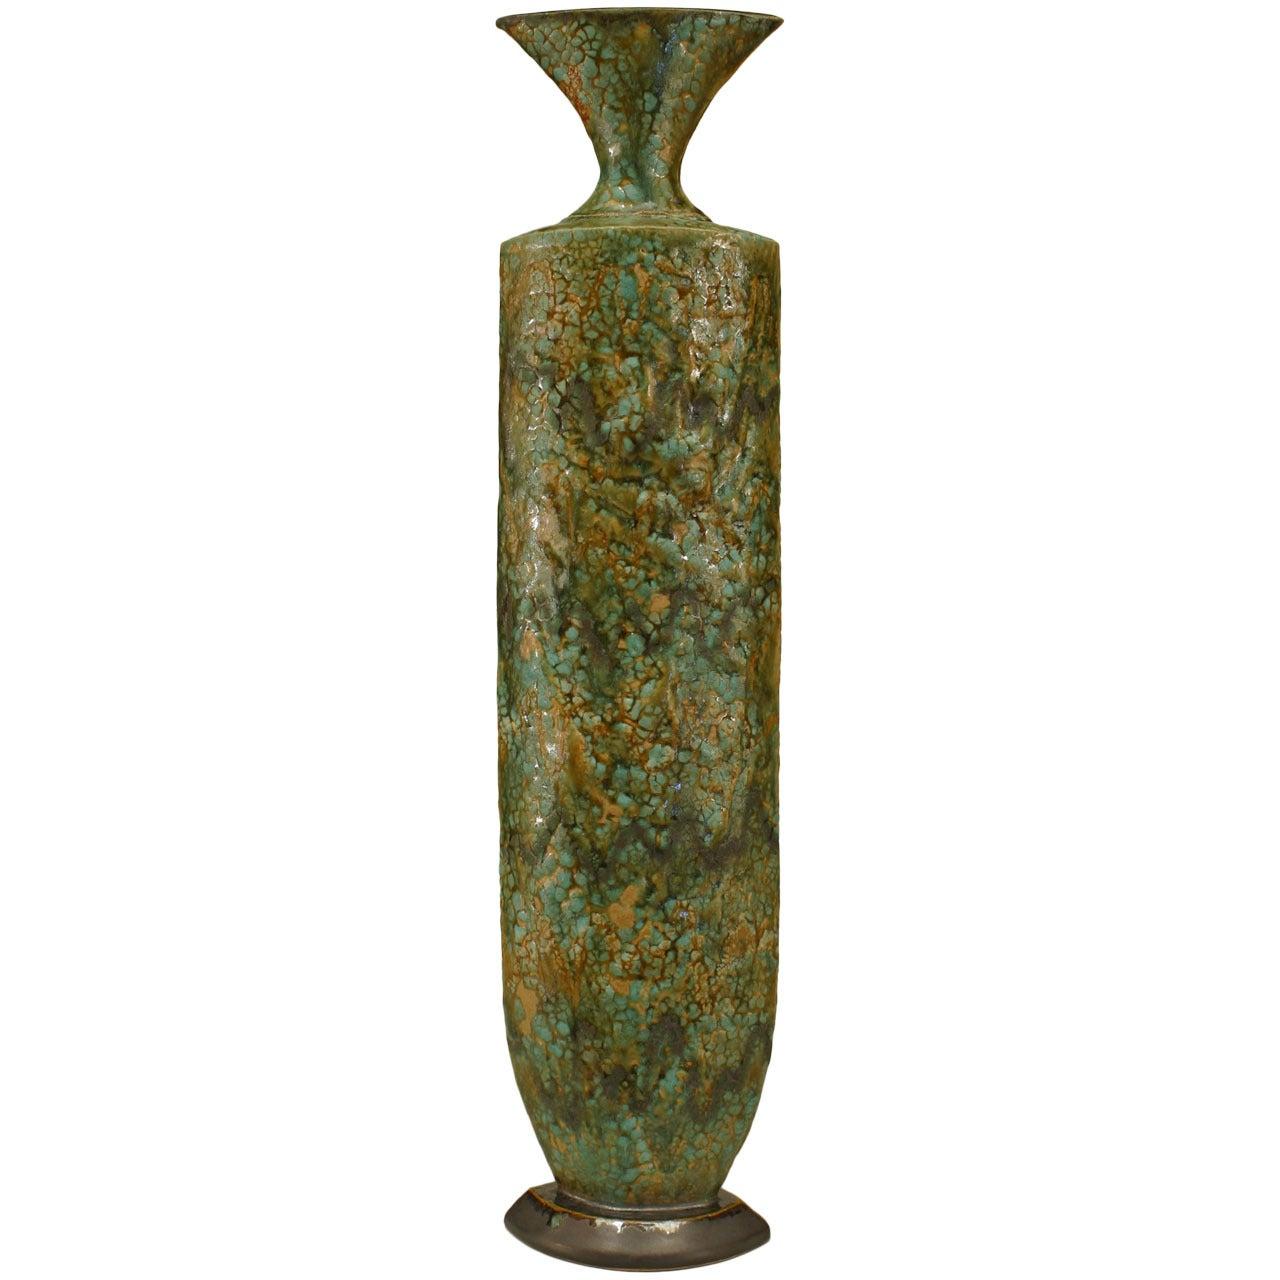 American Post-War Di Pasquale Green Ceramic Vase